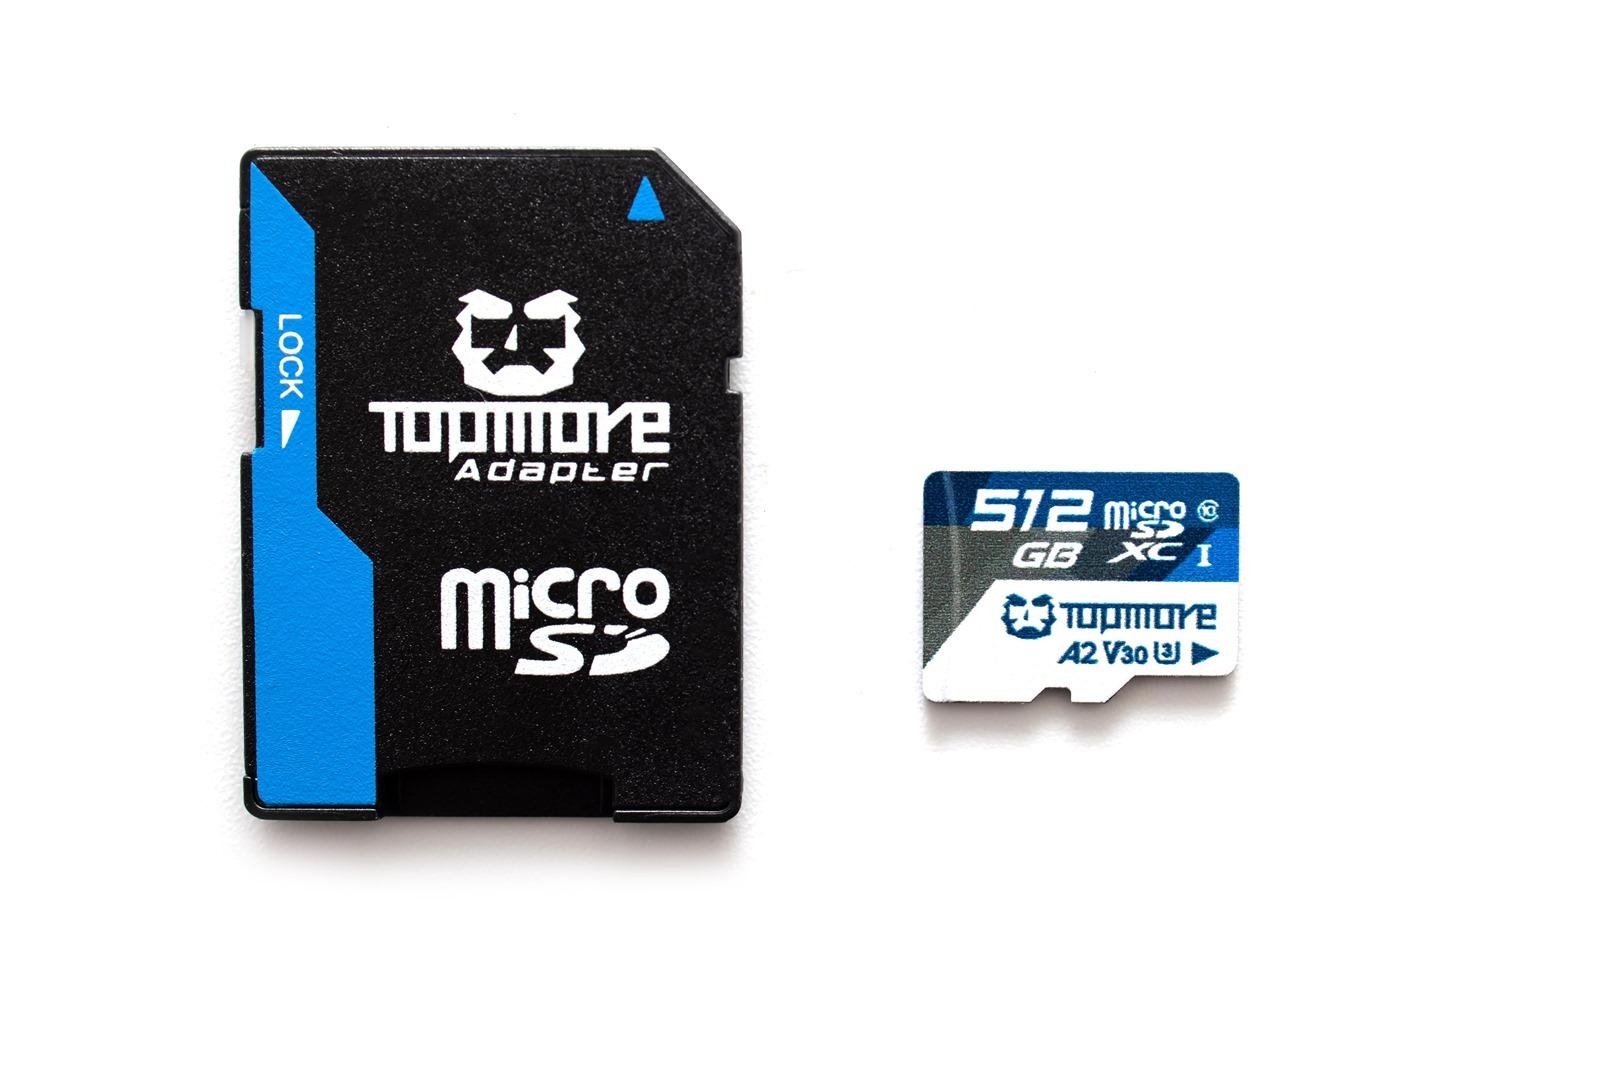 這張記憶卡好嗎?新款 A2 達墨 512GB MicroSDXC 記憶卡 (U3/A2) 手機電腦實測 @3C 達人廖阿輝